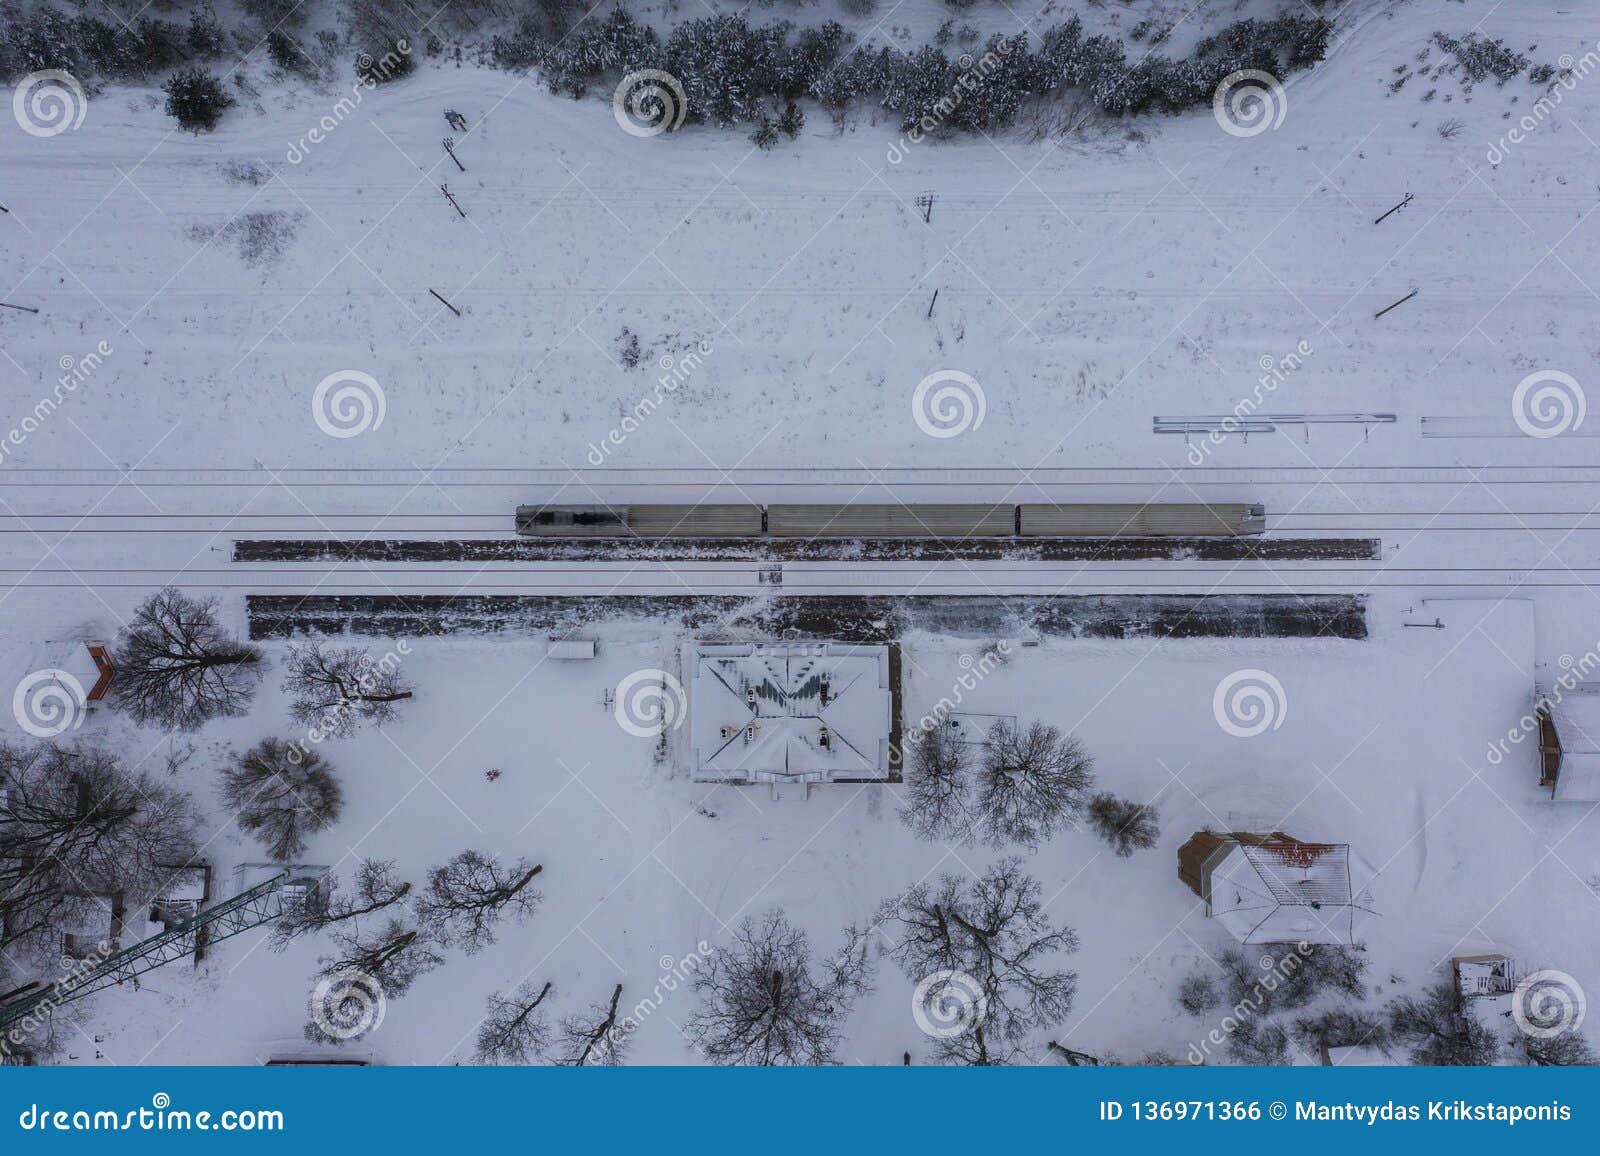 Fotografia do zangão da floresta do inverno, da locomotiva na estação e da estrada de ferro